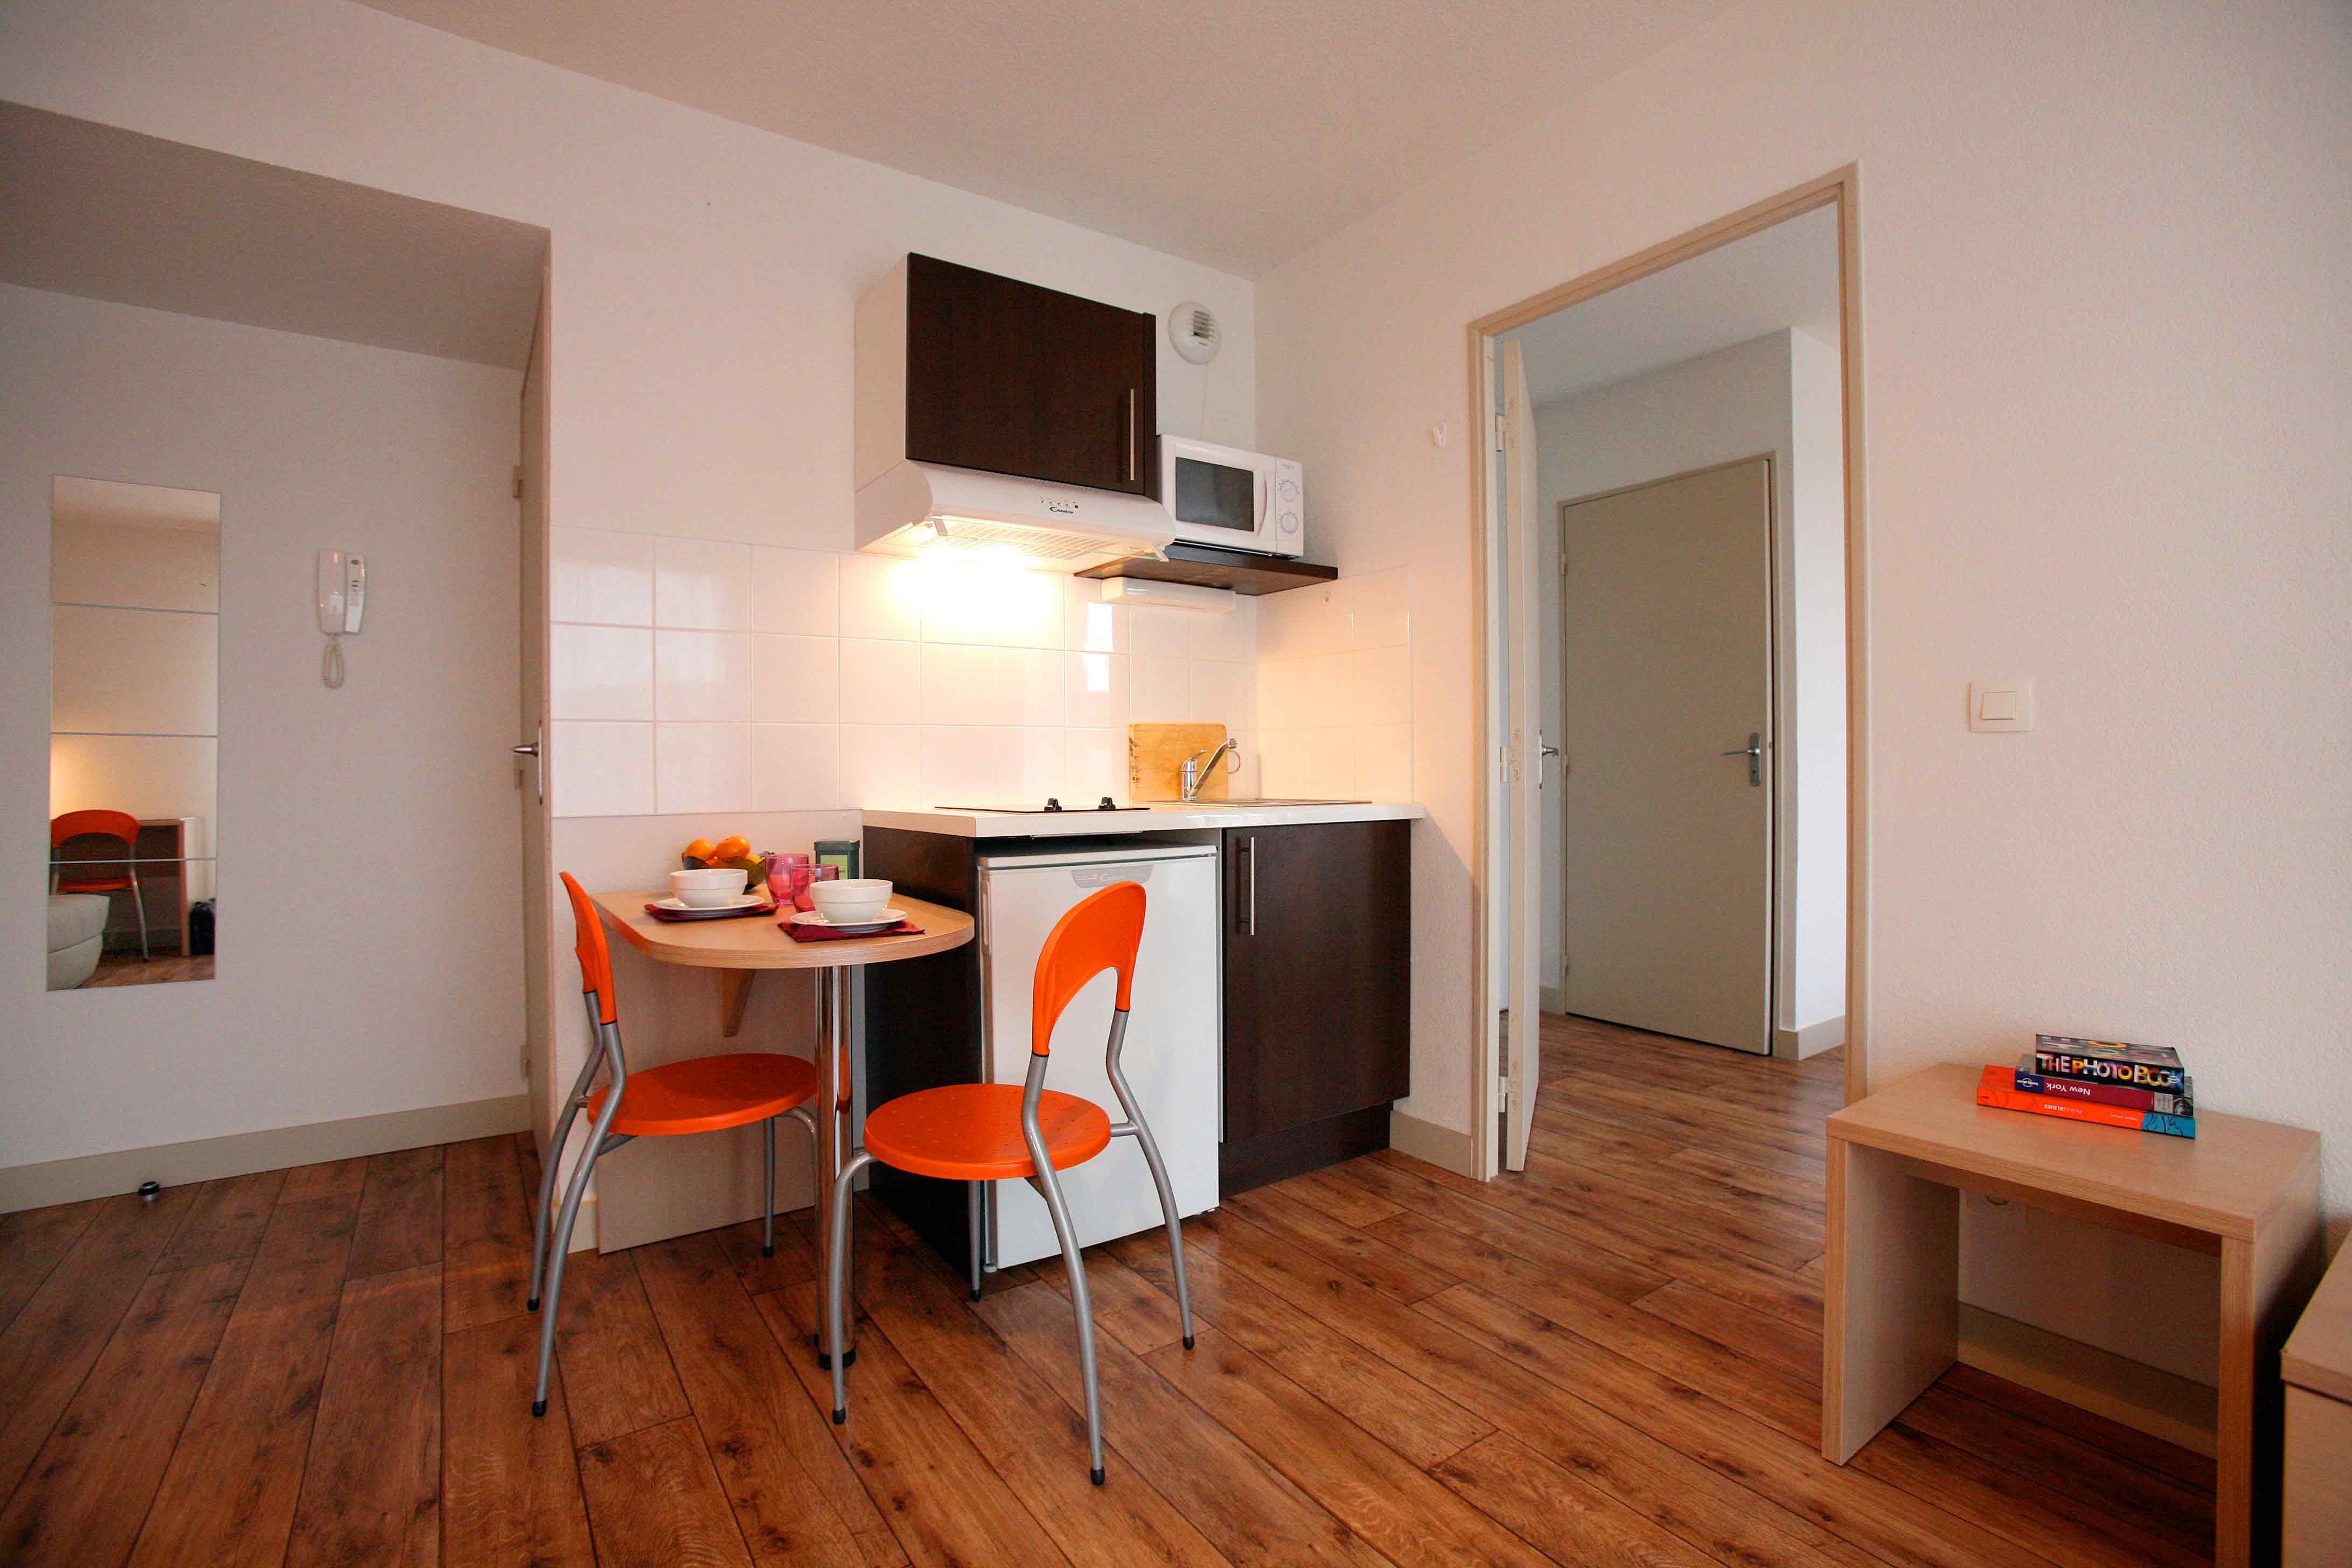 r sid 39 oc 34080 montpellier r sidence service tudiant. Black Bedroom Furniture Sets. Home Design Ideas